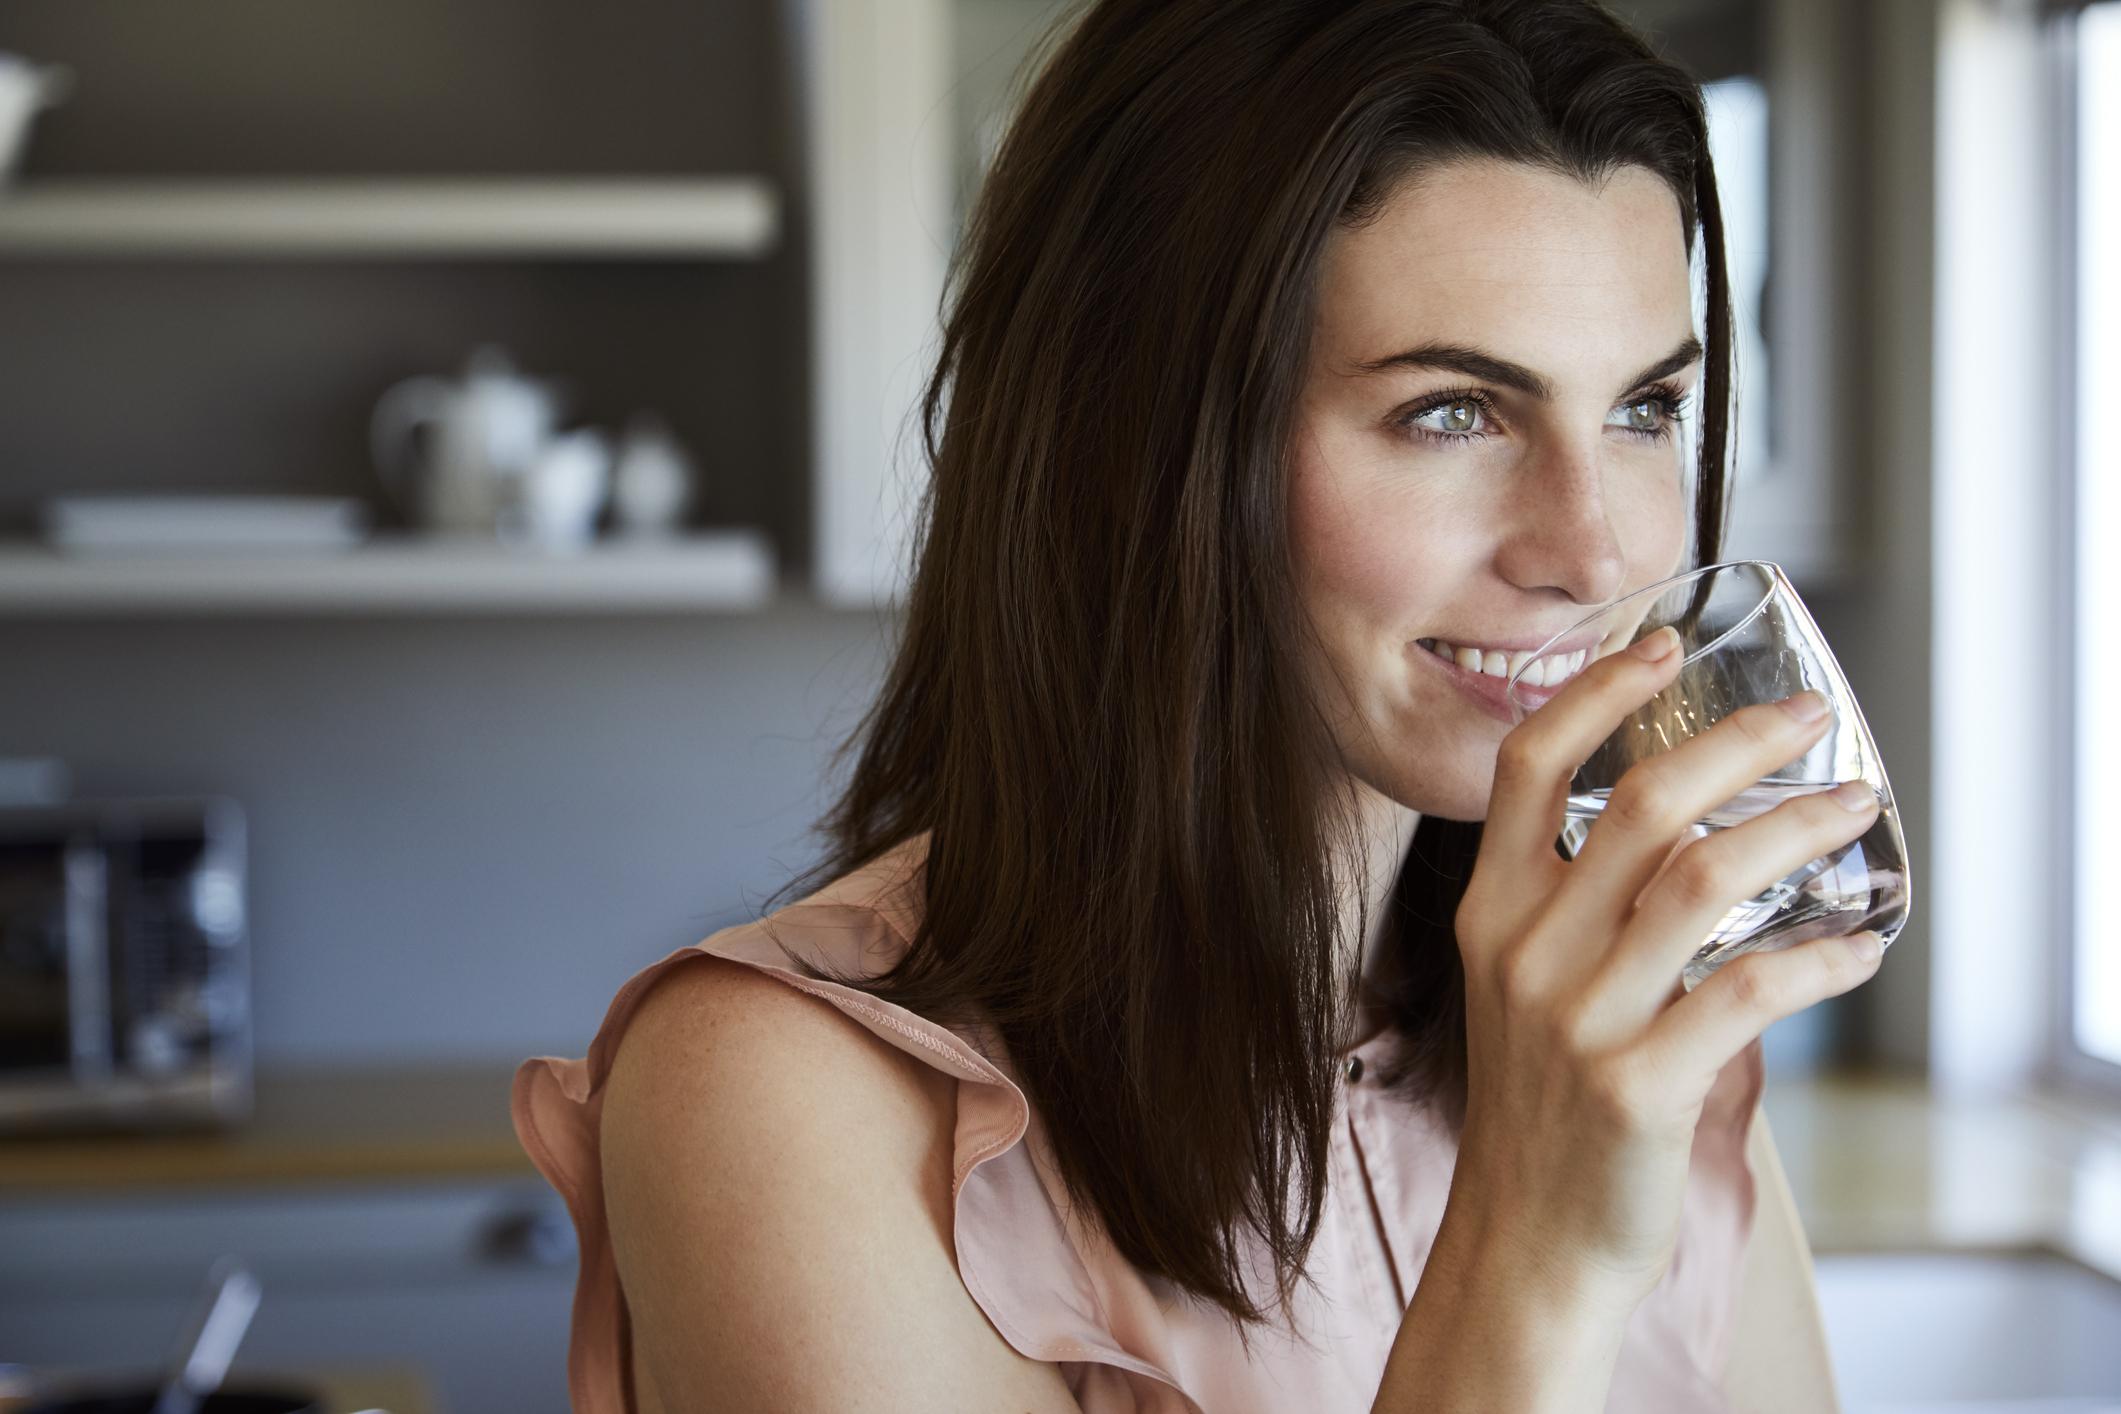 Наблегнете на хидратацията. Пийте много вода, за да се изведат токсините от организма.